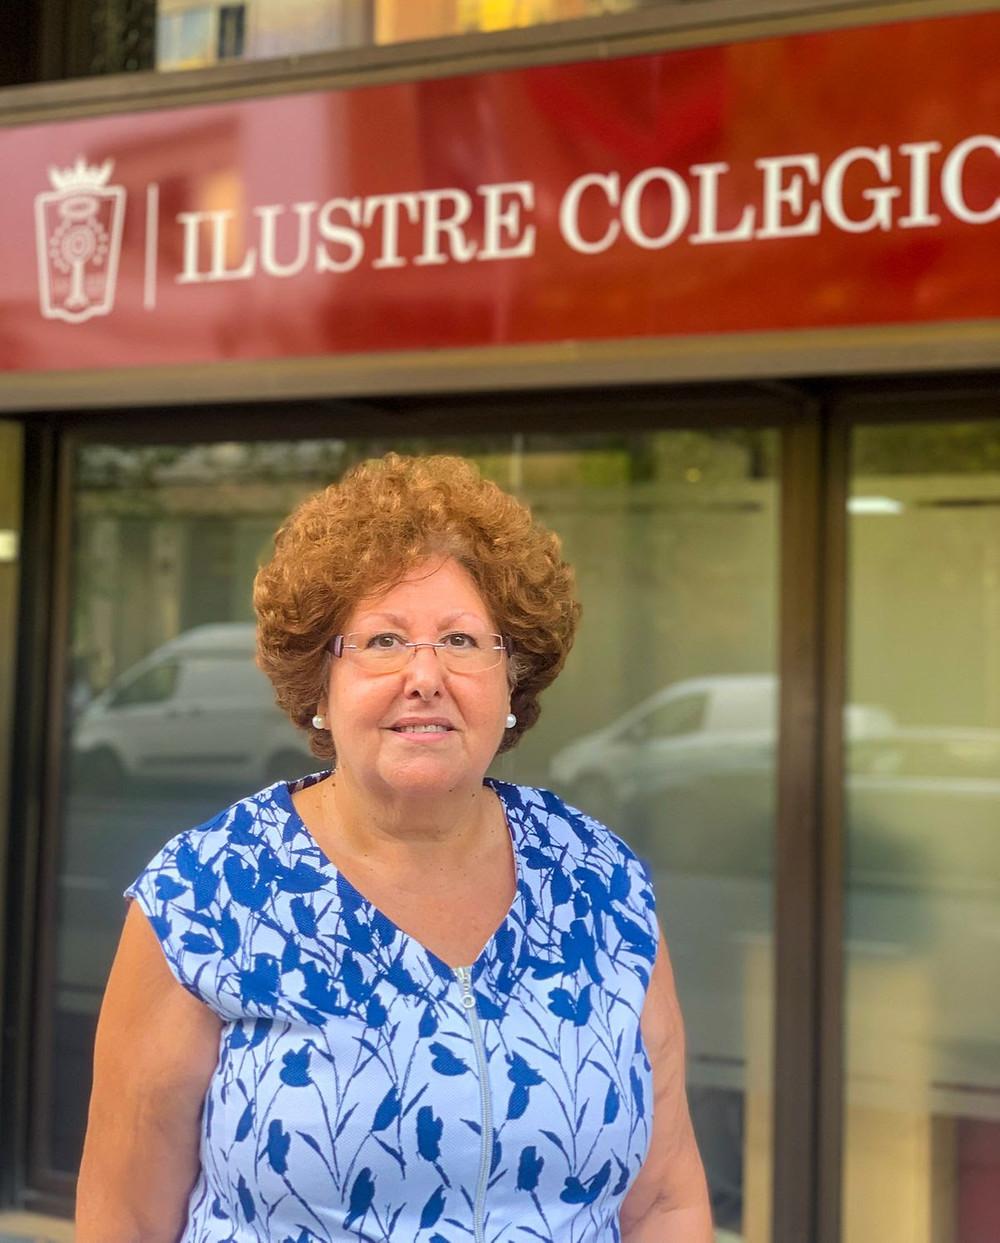 Begoña Martínez Álvarez Abogada, experta en Derecho de Familia y casos de Violencia de Género. Lidera el Despacho Ópera Abogados, ubicado en el Centro de Madrid.